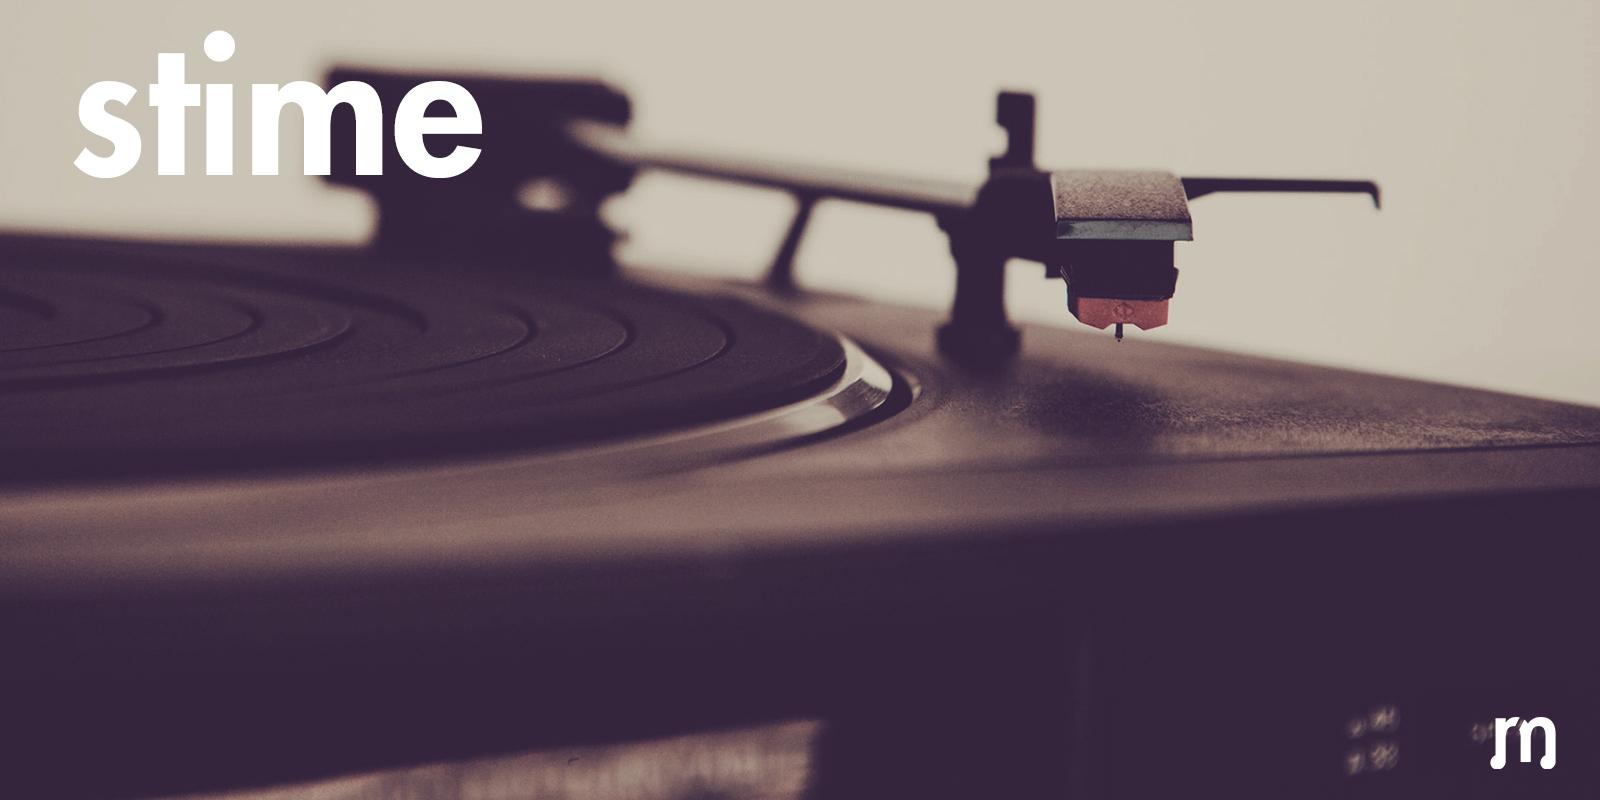 stime singoli recensiamo musica